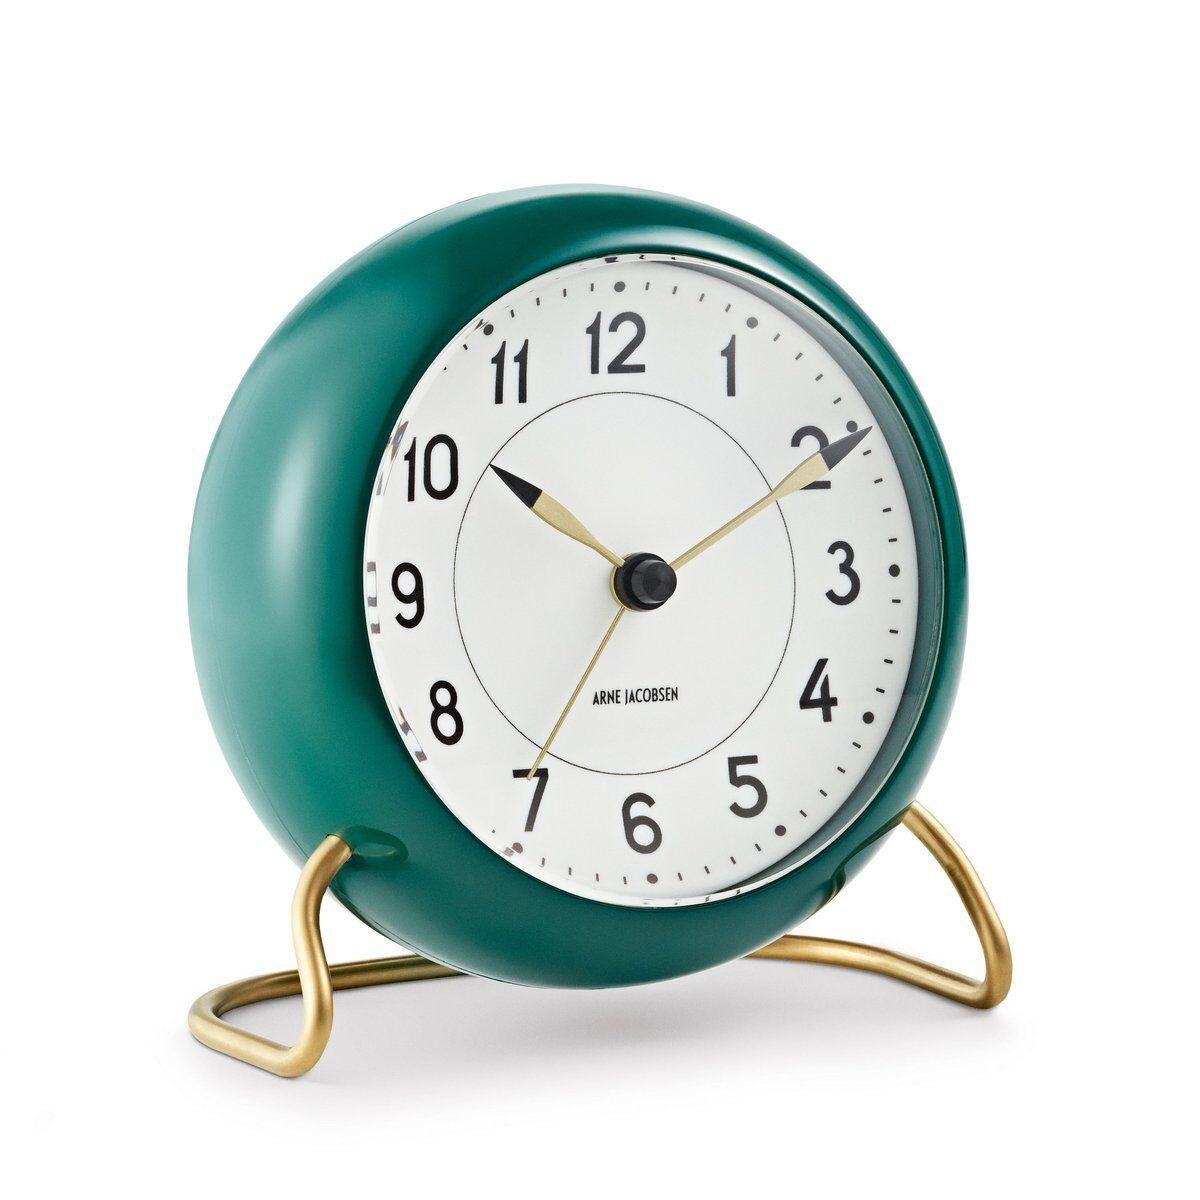 Arne Jacobsen Clocks AJ Station bordklokke grønn grønn